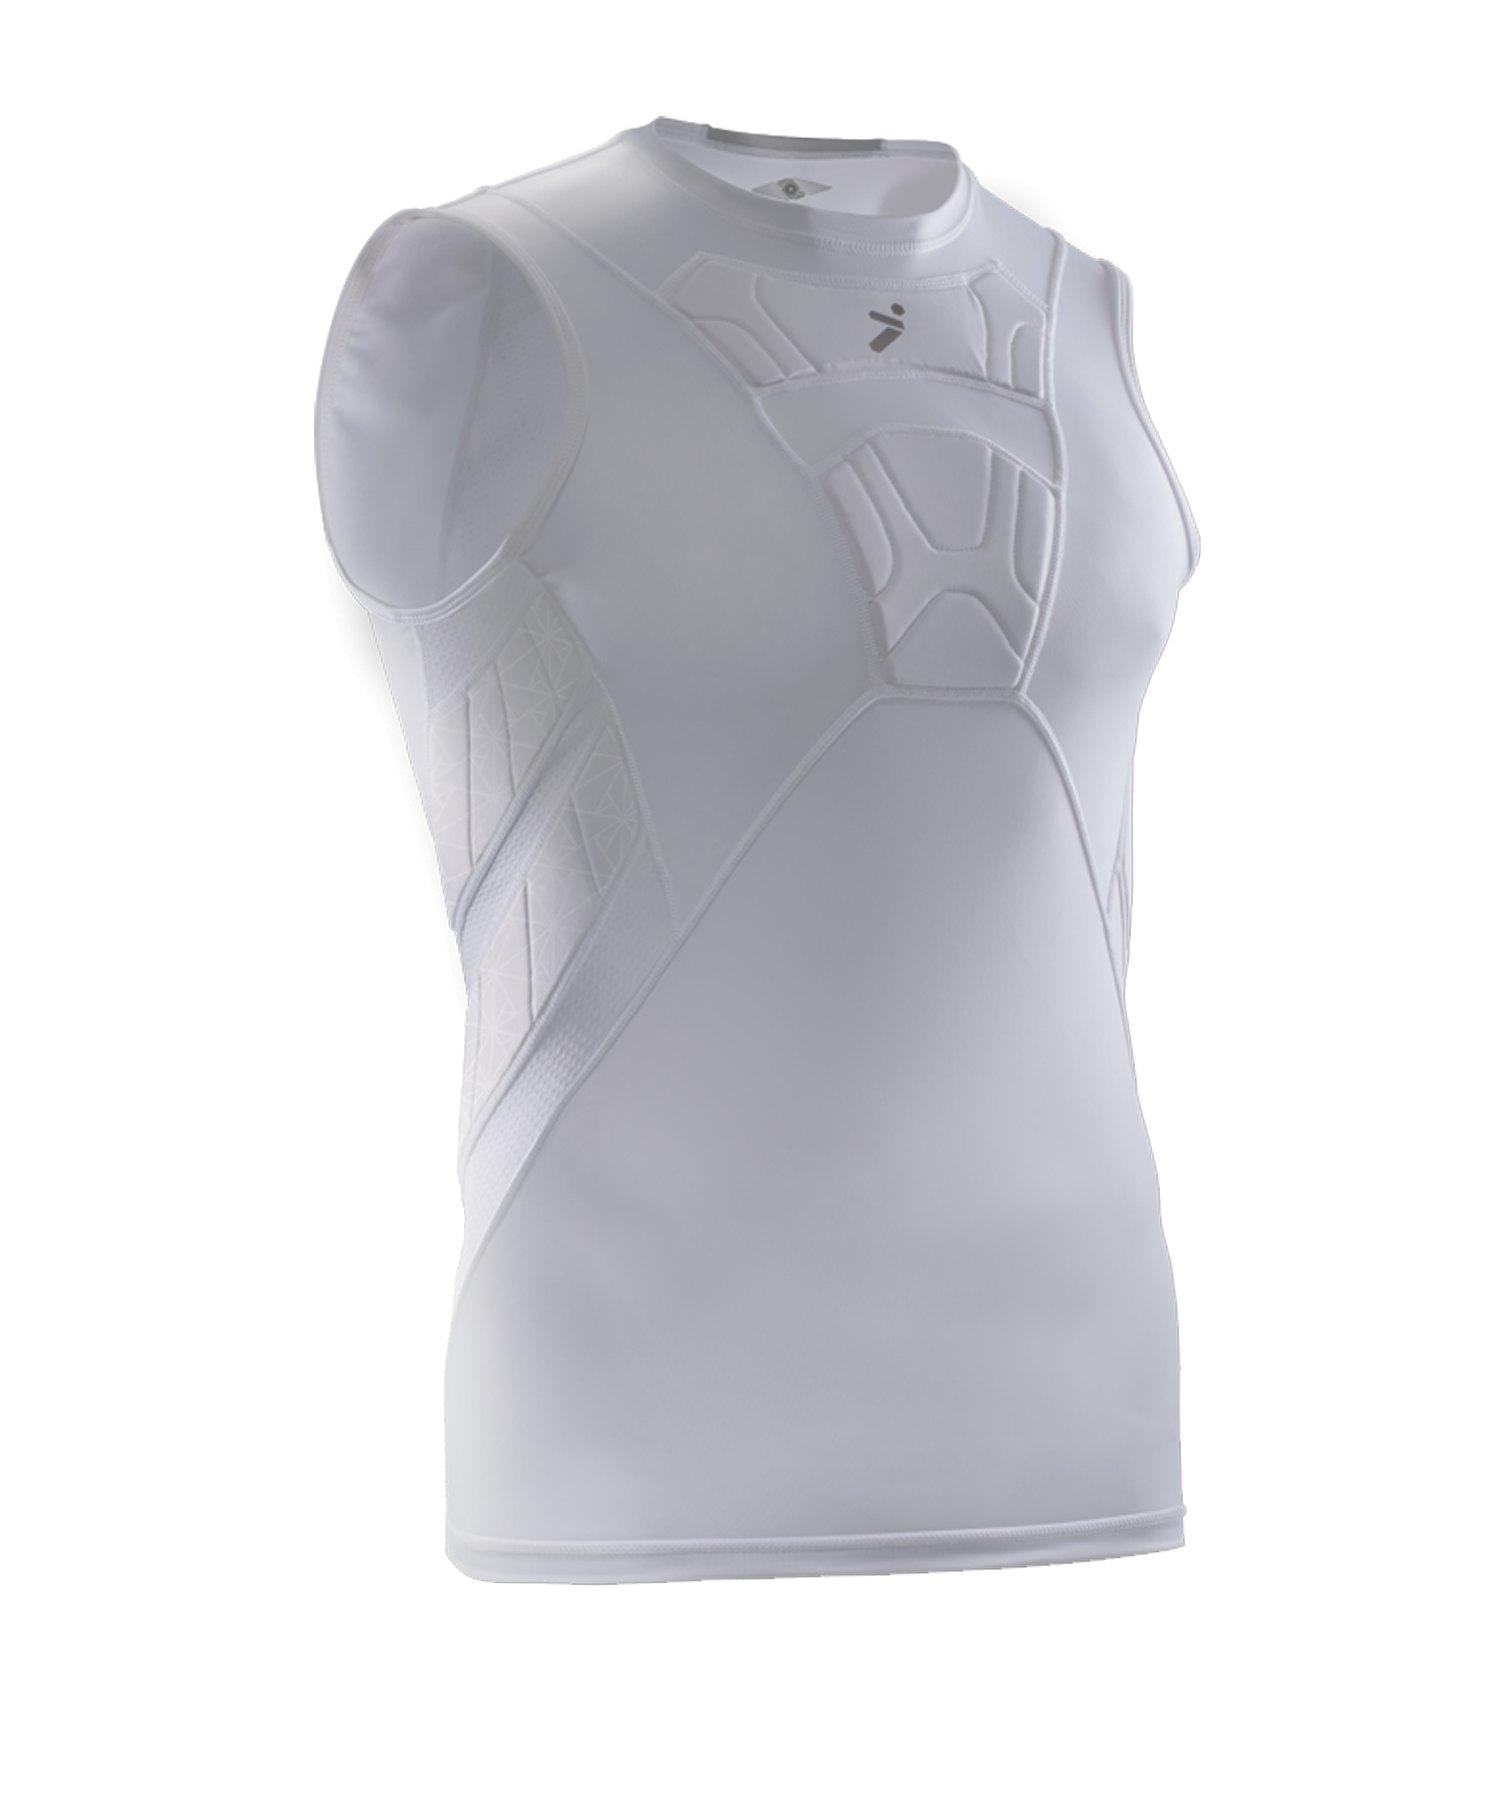 Storelli Bodyshield Sleeveless Shirt Weiss - weiss